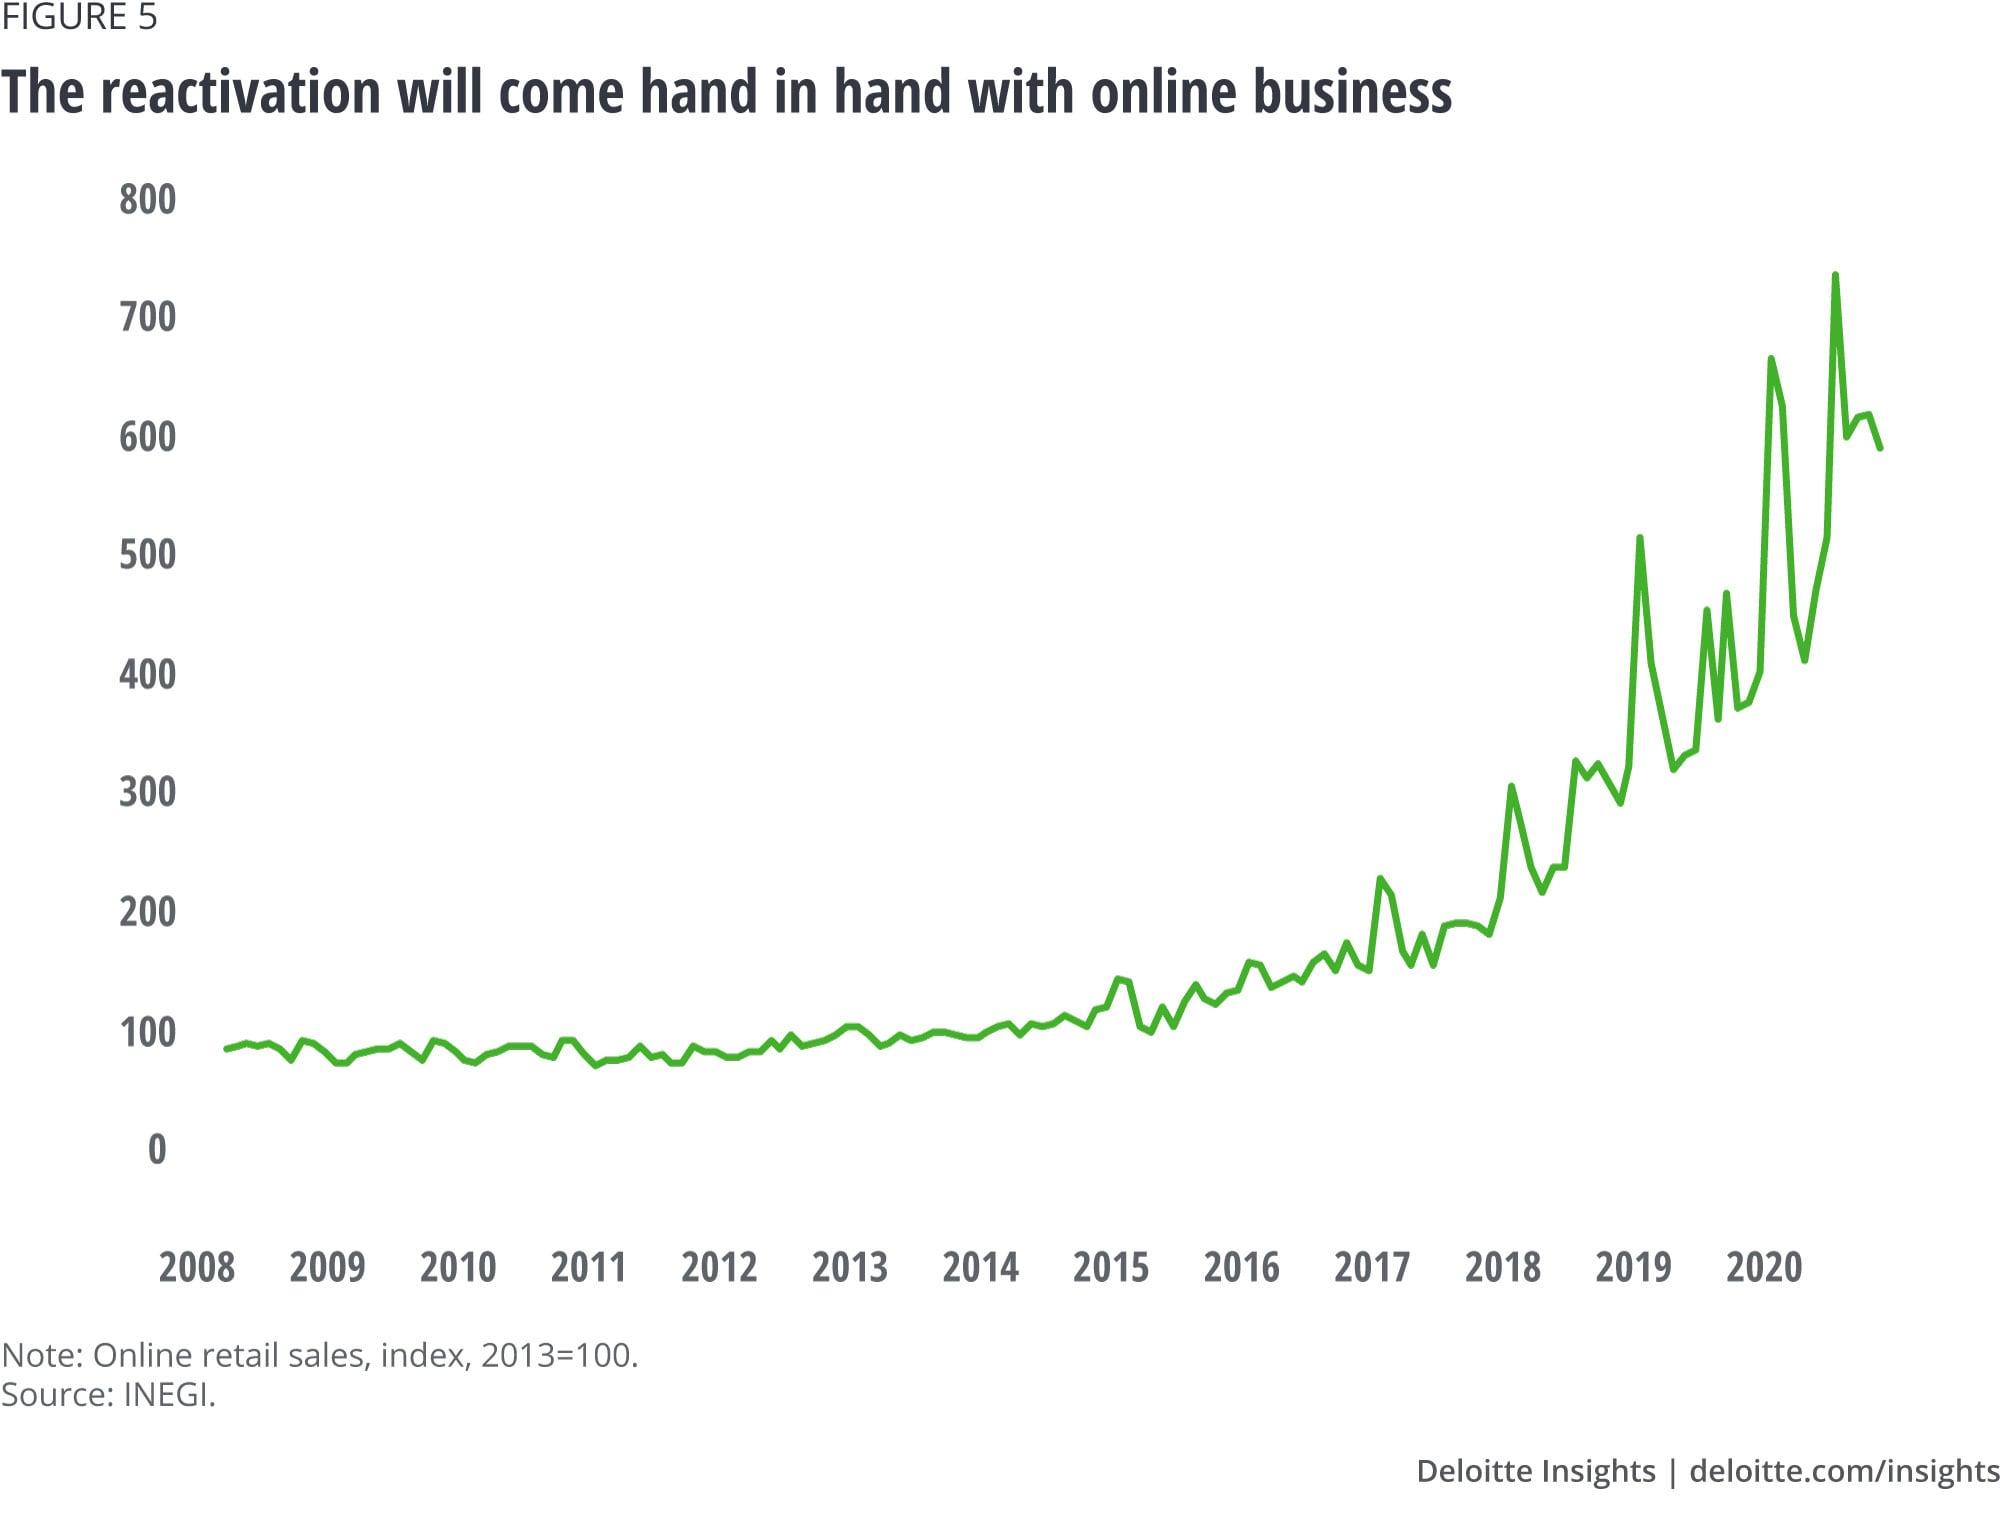 Die Reaktivierung geht Hand in Hand mit dem Online-Geschäft